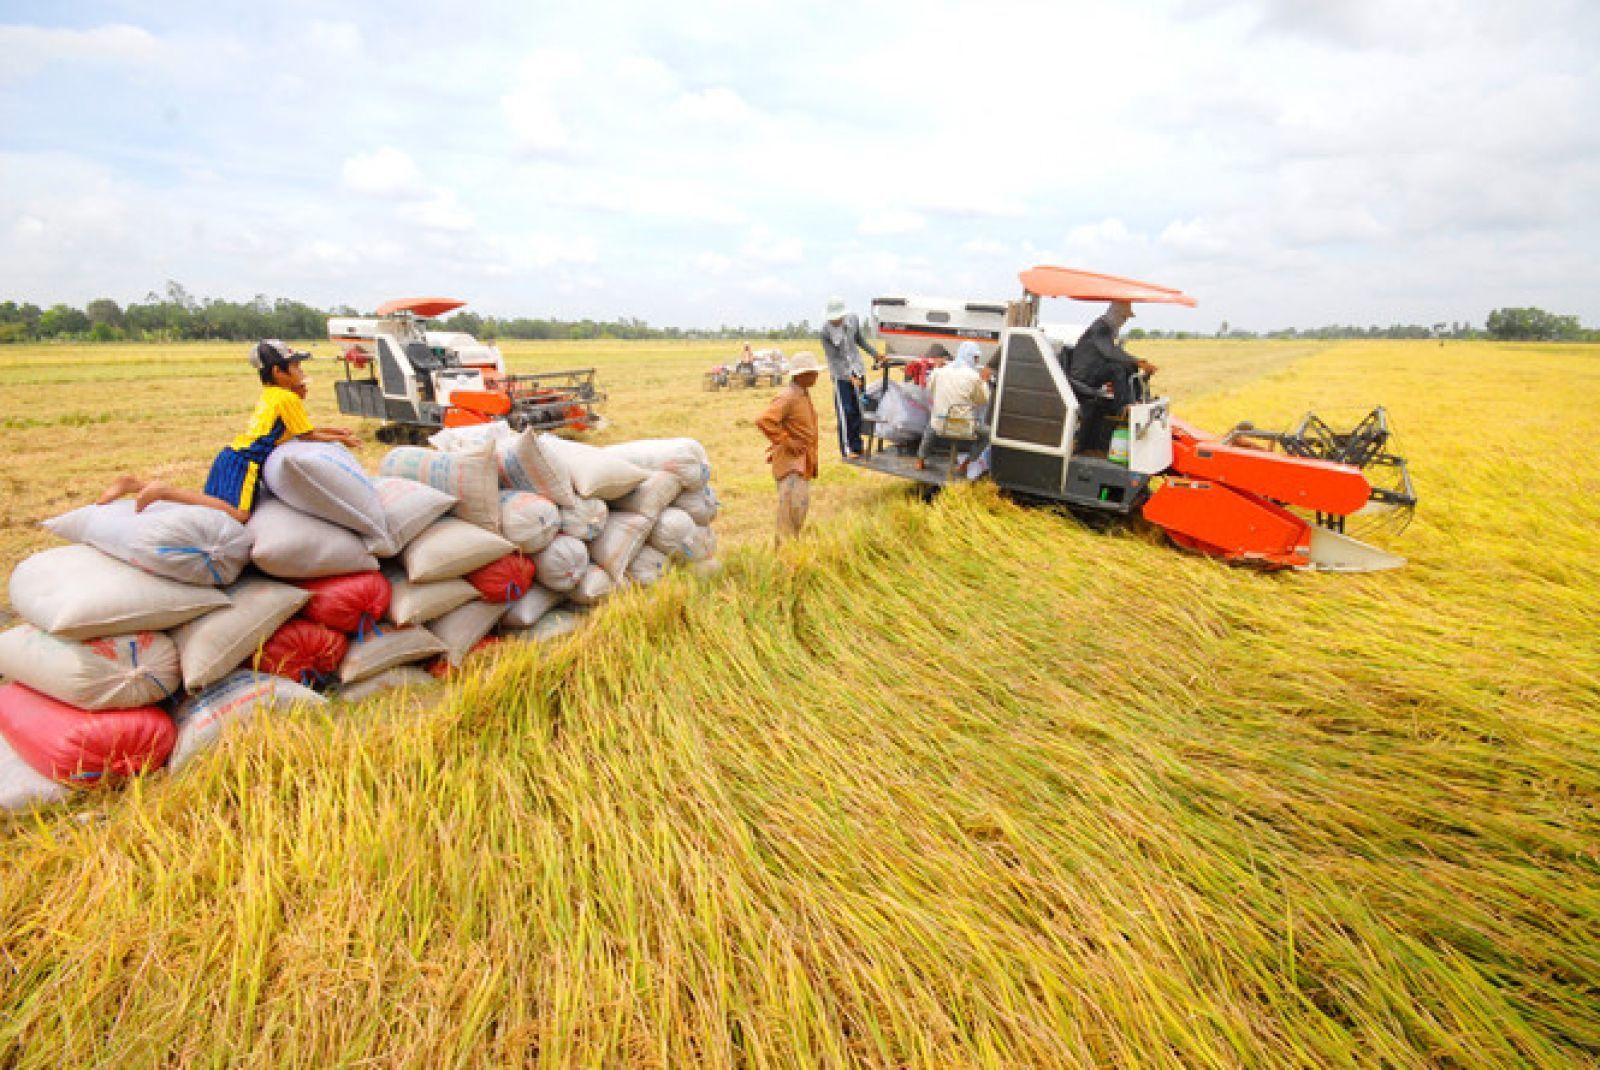 nông sản việt,nông sản xuất khẩu,xuất khẩu gạo,ngành nông nghiệp,giải cứu nông sản,xuất khẩu hồ tiêu